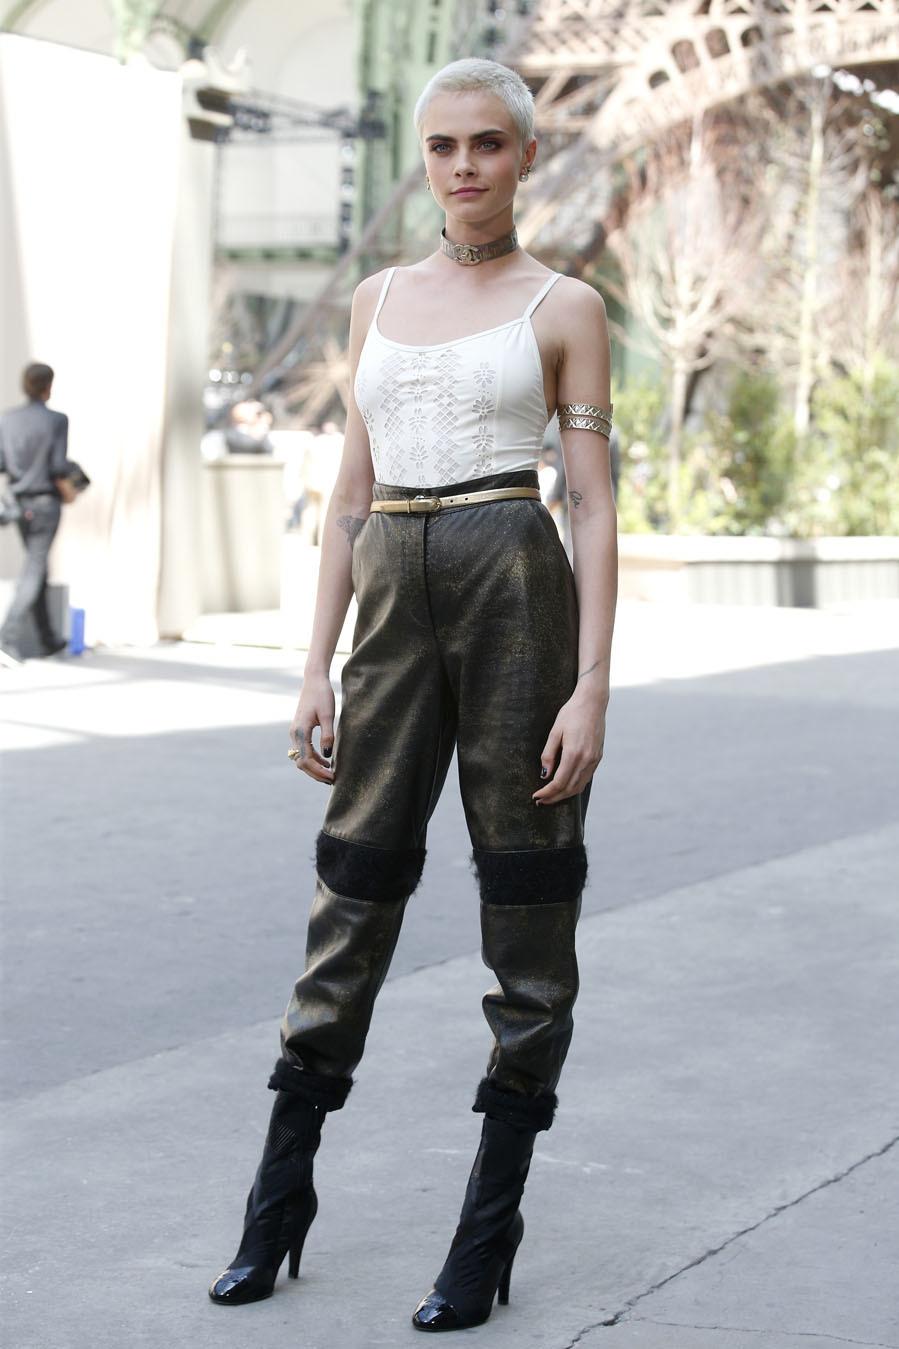 La modelo inglesa resaltaba su figura con un pantalón de talle alto...